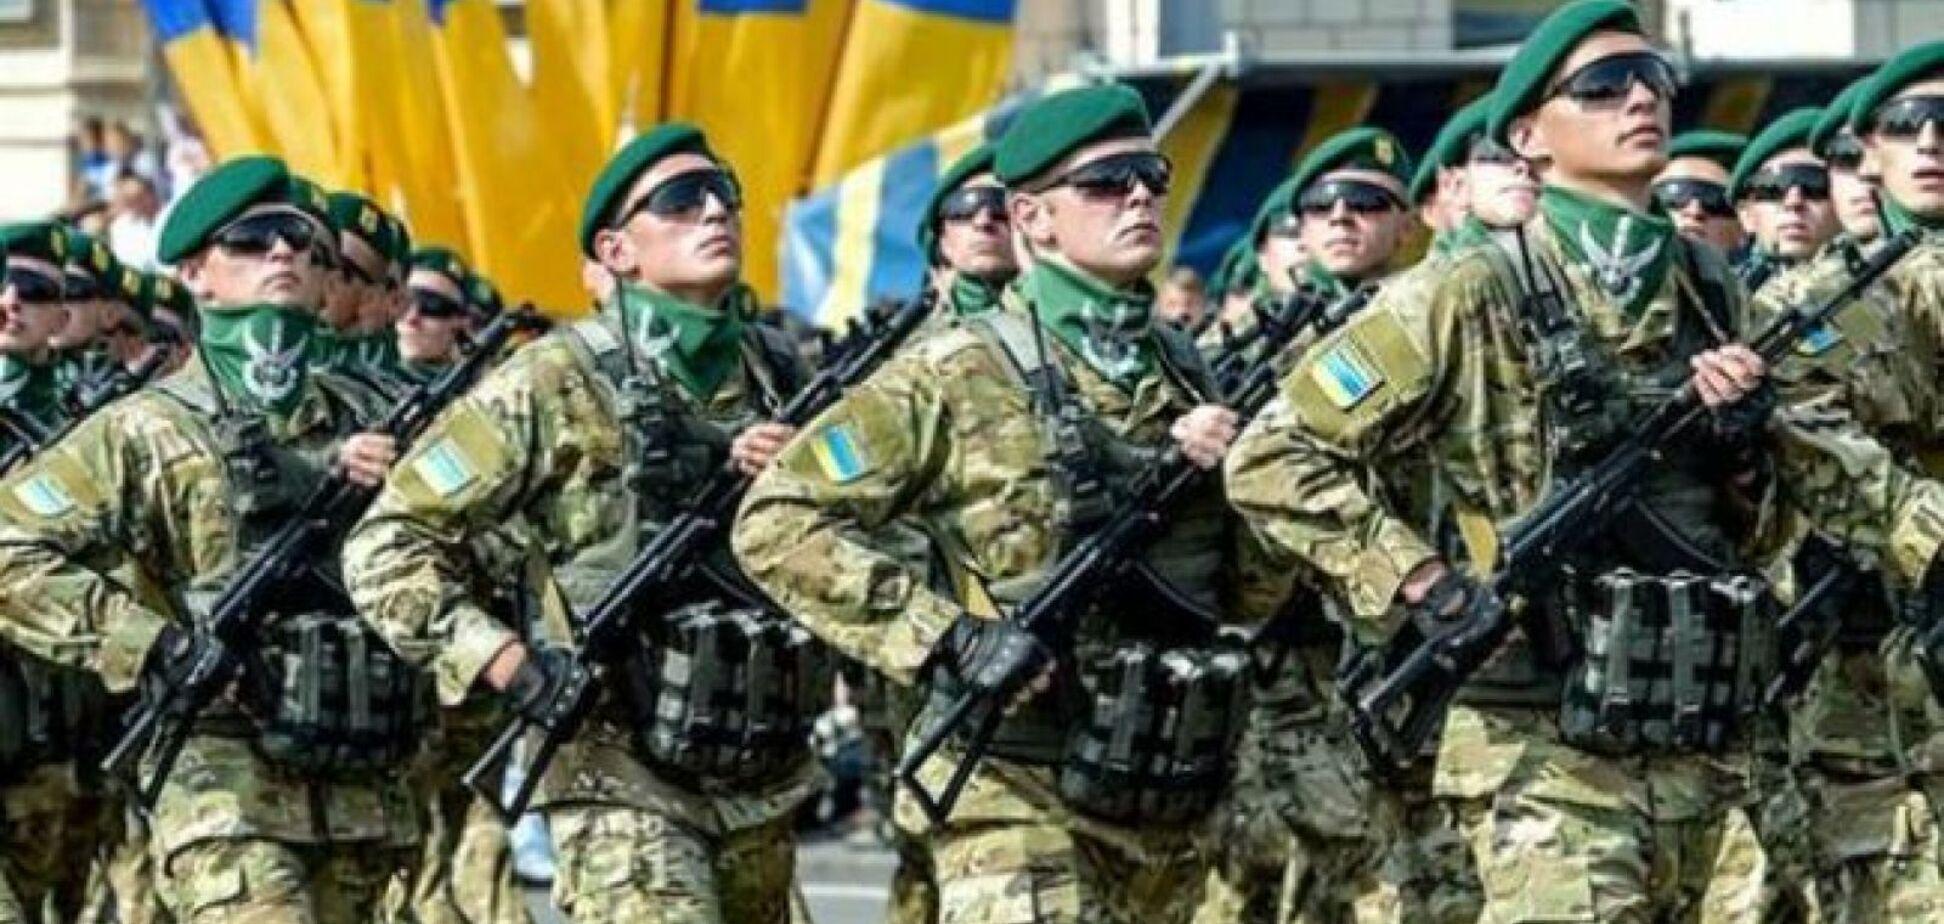 'Введуть війська до Сибіру': в Росії записали Україну у військові соратники